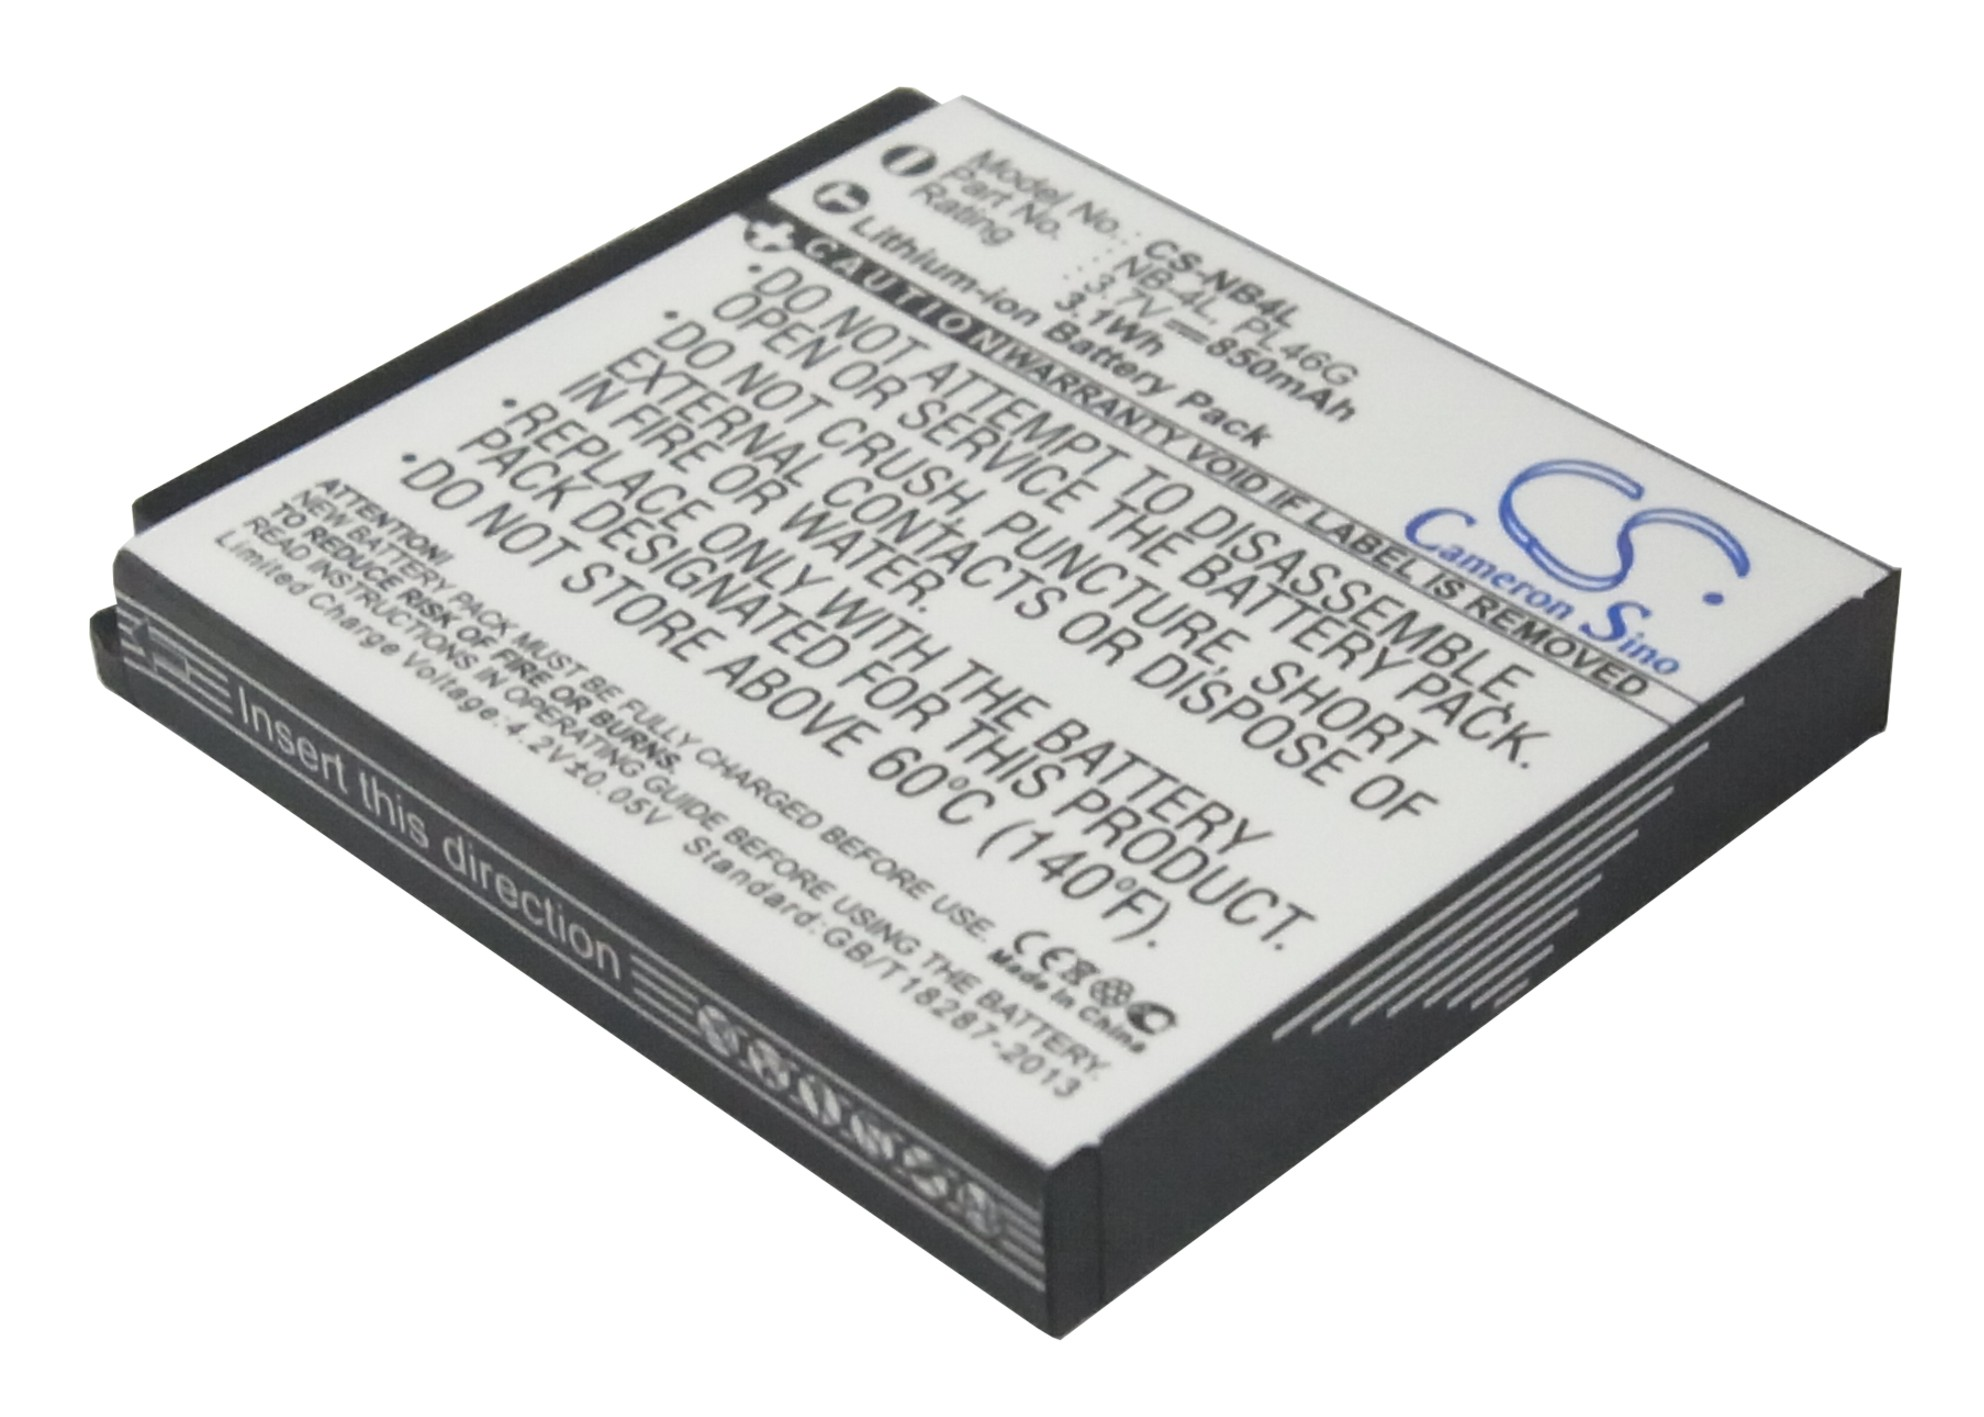 Cameron Sino baterie do kamer a fotoaparátů pro CANON PowerShot ELPH 100 HS 3.7V Li-ion 850mAh černá - neoriginální